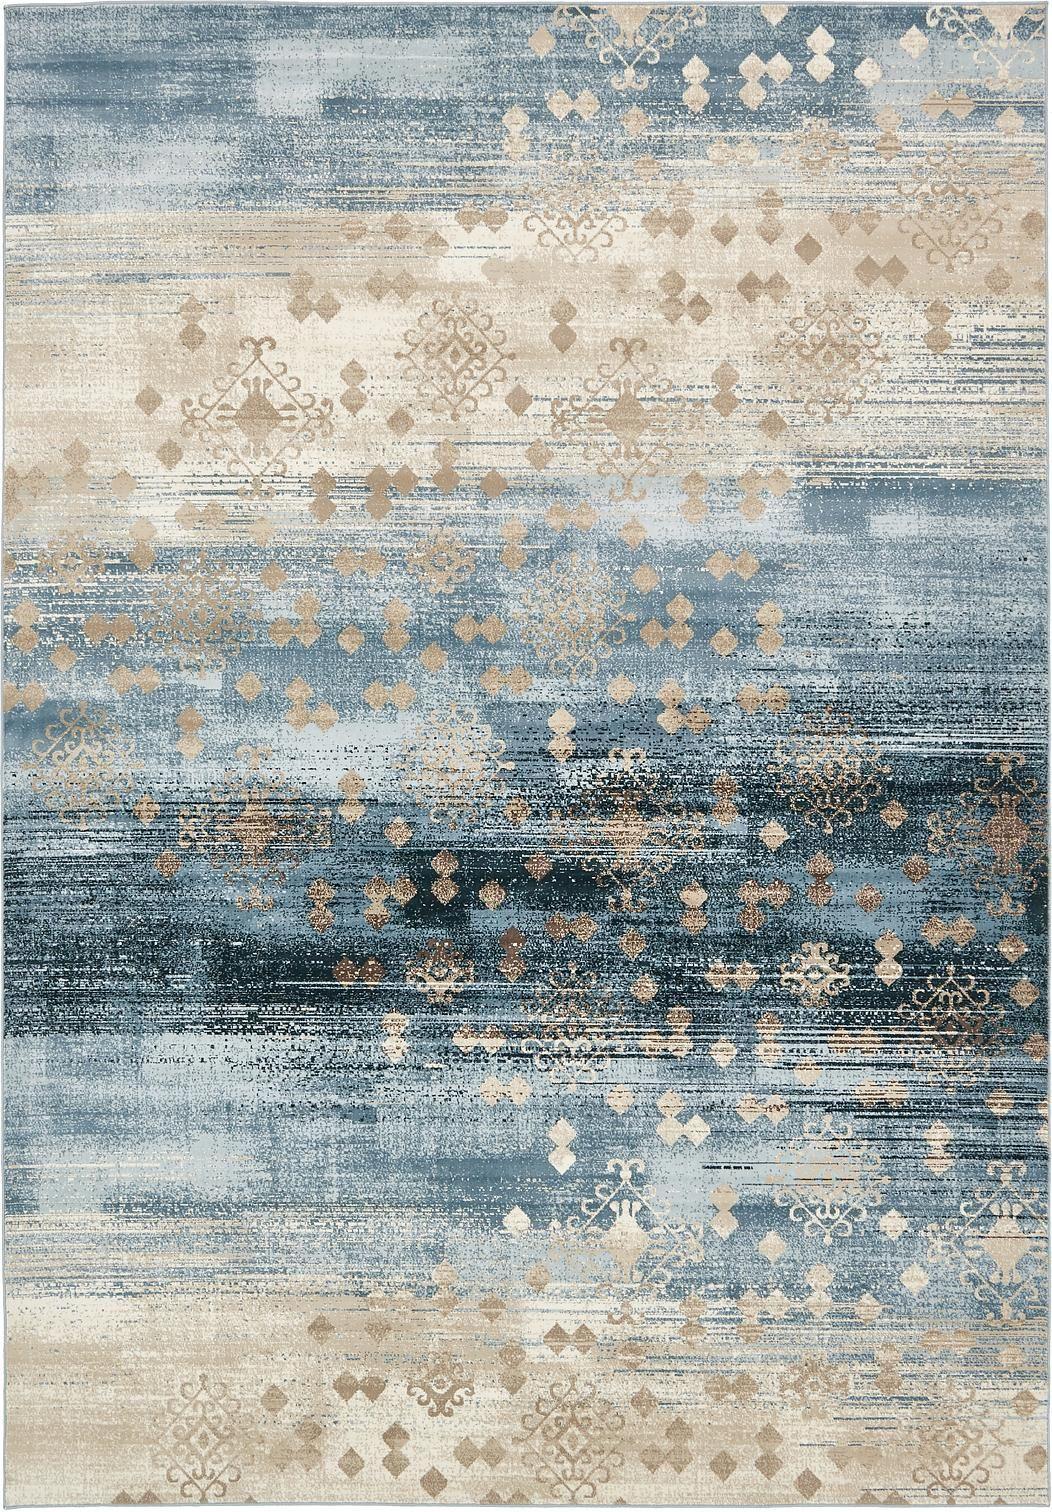 Dark Blue 8 39 X 11 39 2 Mirage Rug Area Rugs Esalerugs Carpets Area Rugs Textured Carpet Rugs On Carpet